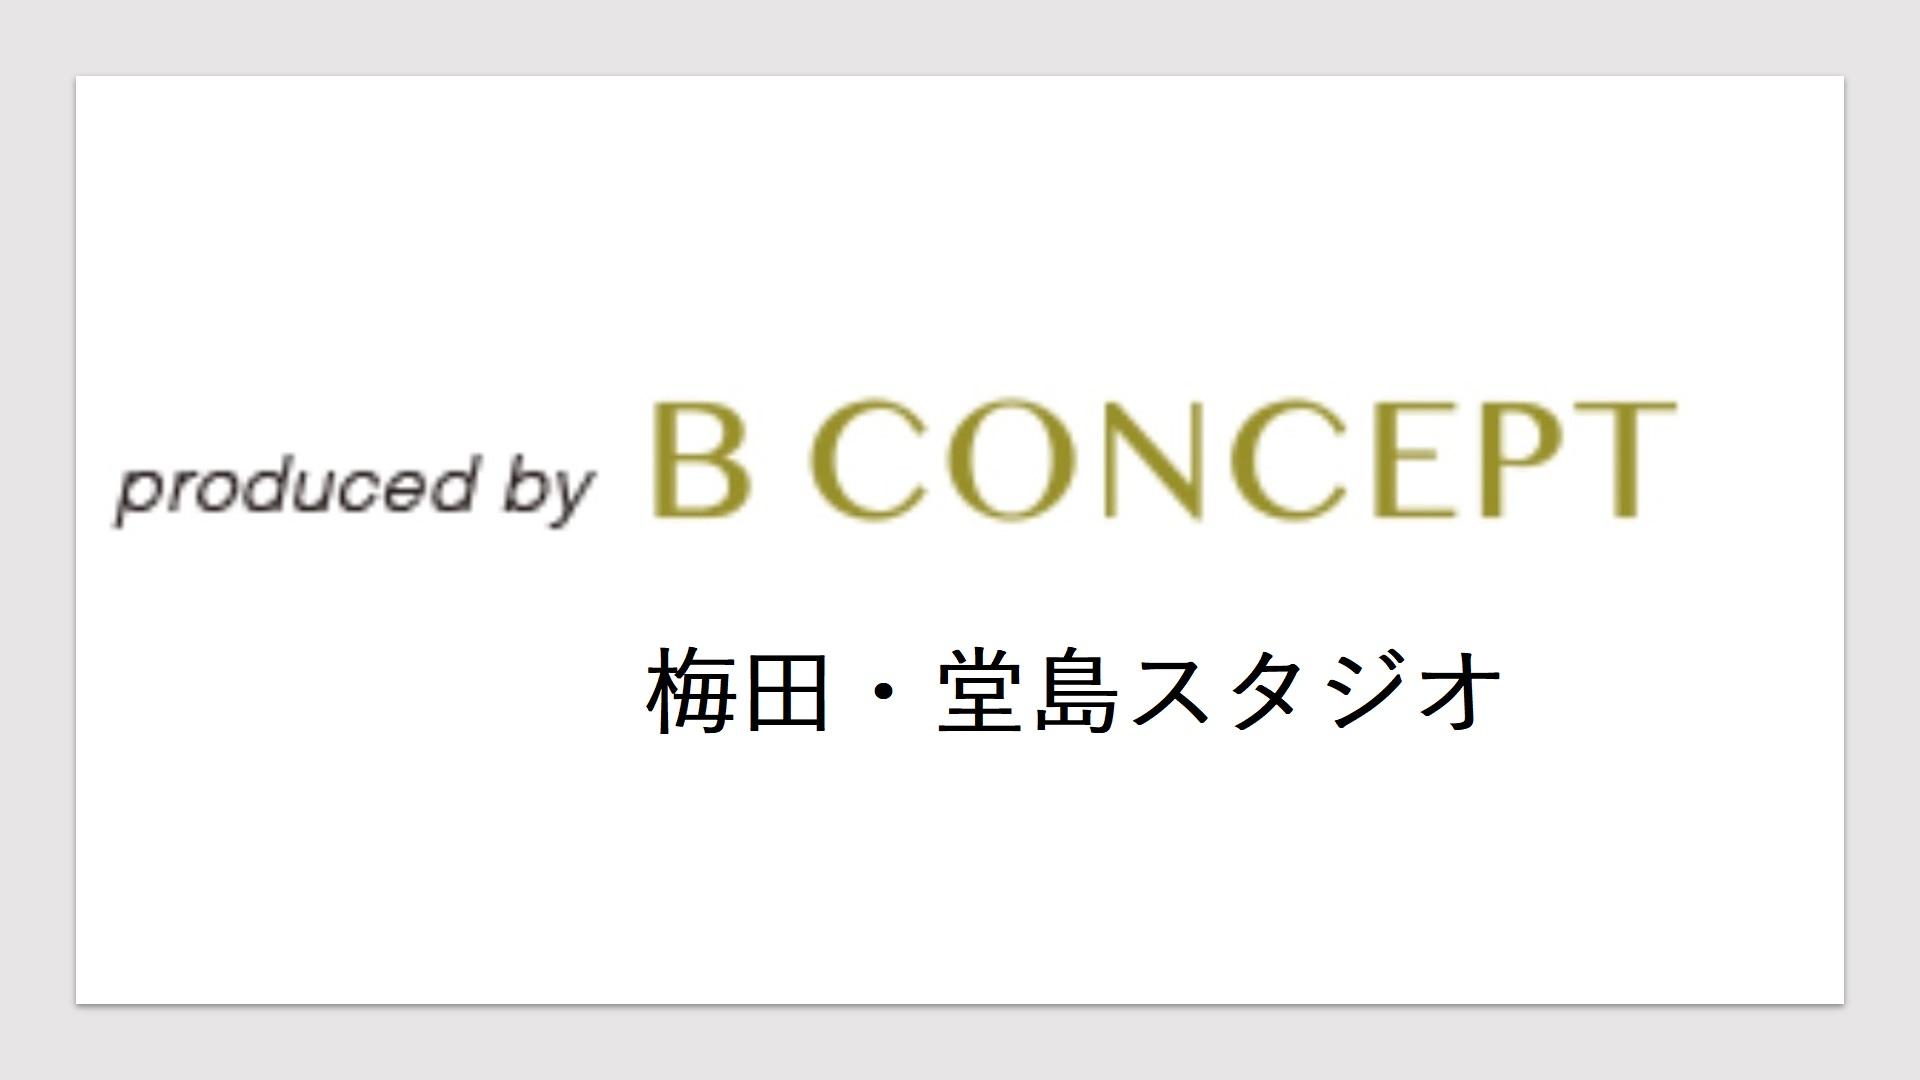 ビーコンセプト(梅田、堂島スタジオ)